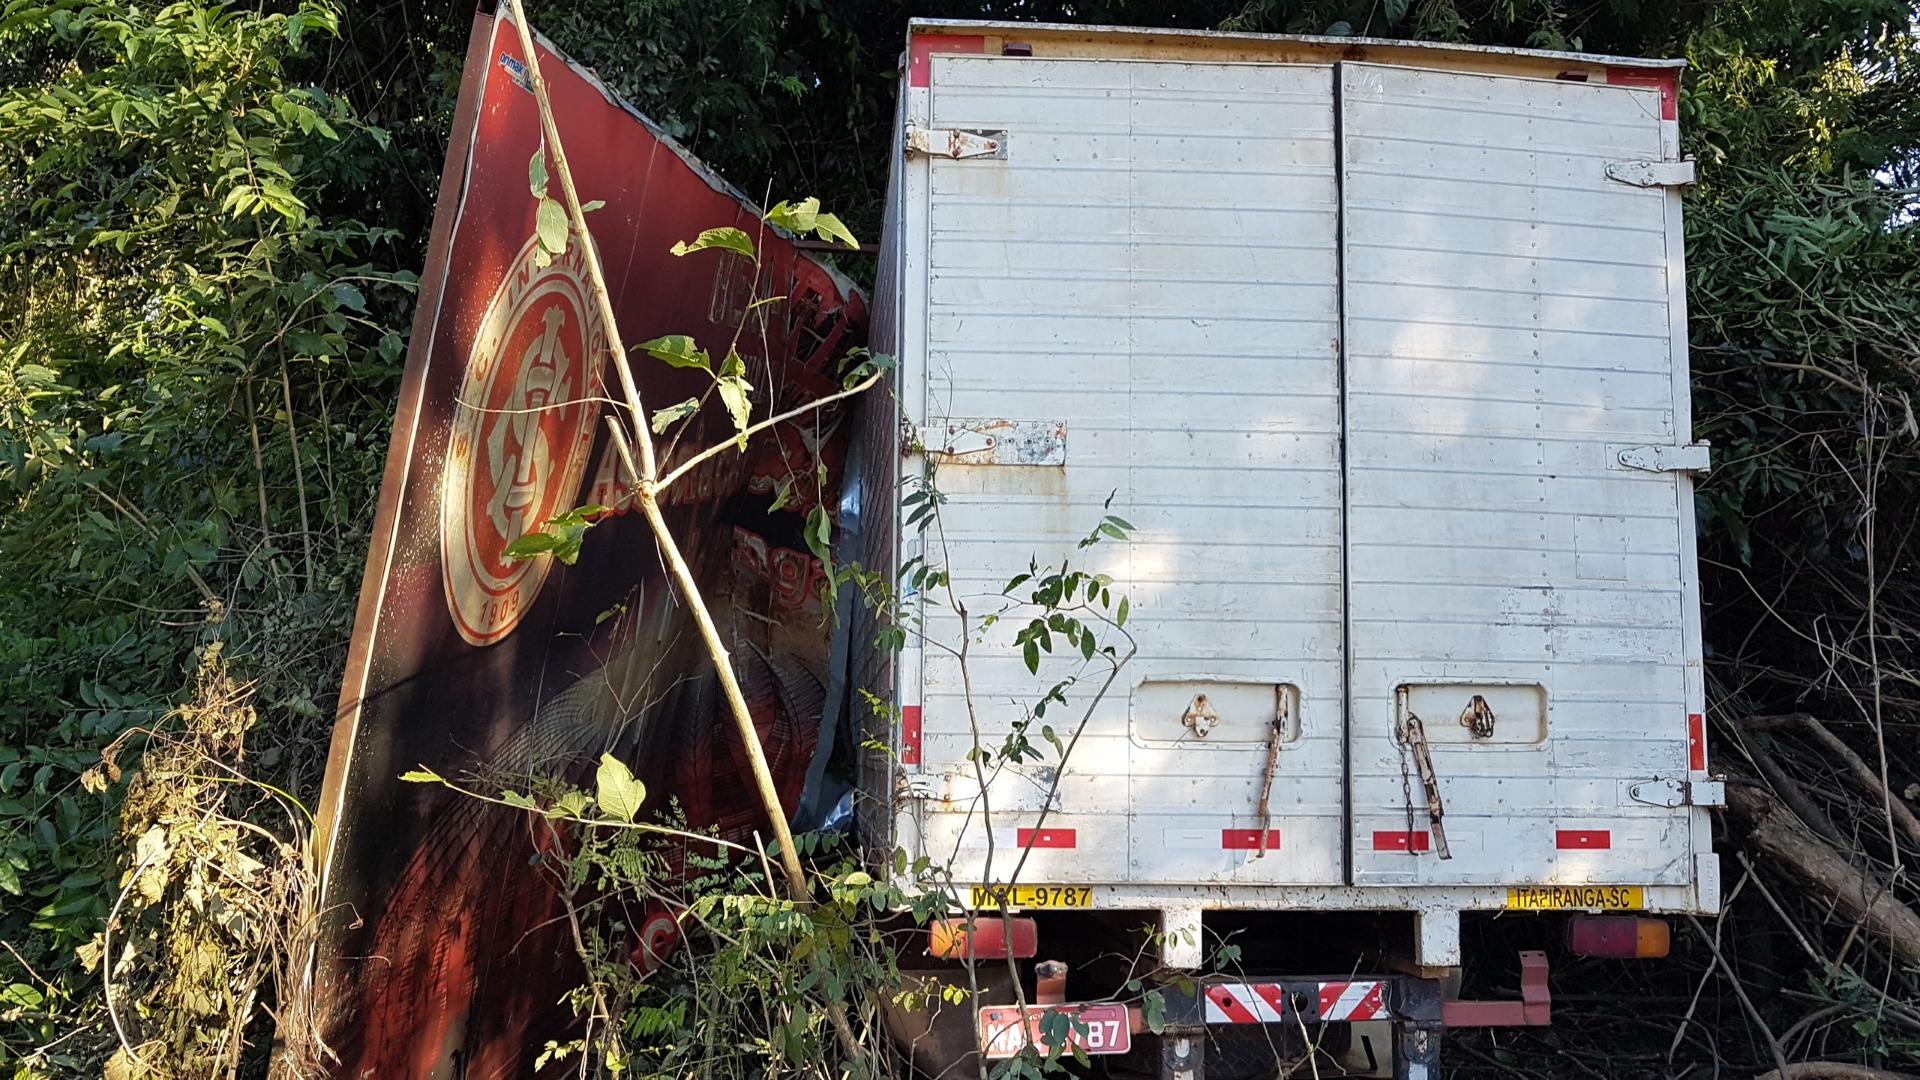 Caminhão sai da pista e derruba placa de equipe de futebol